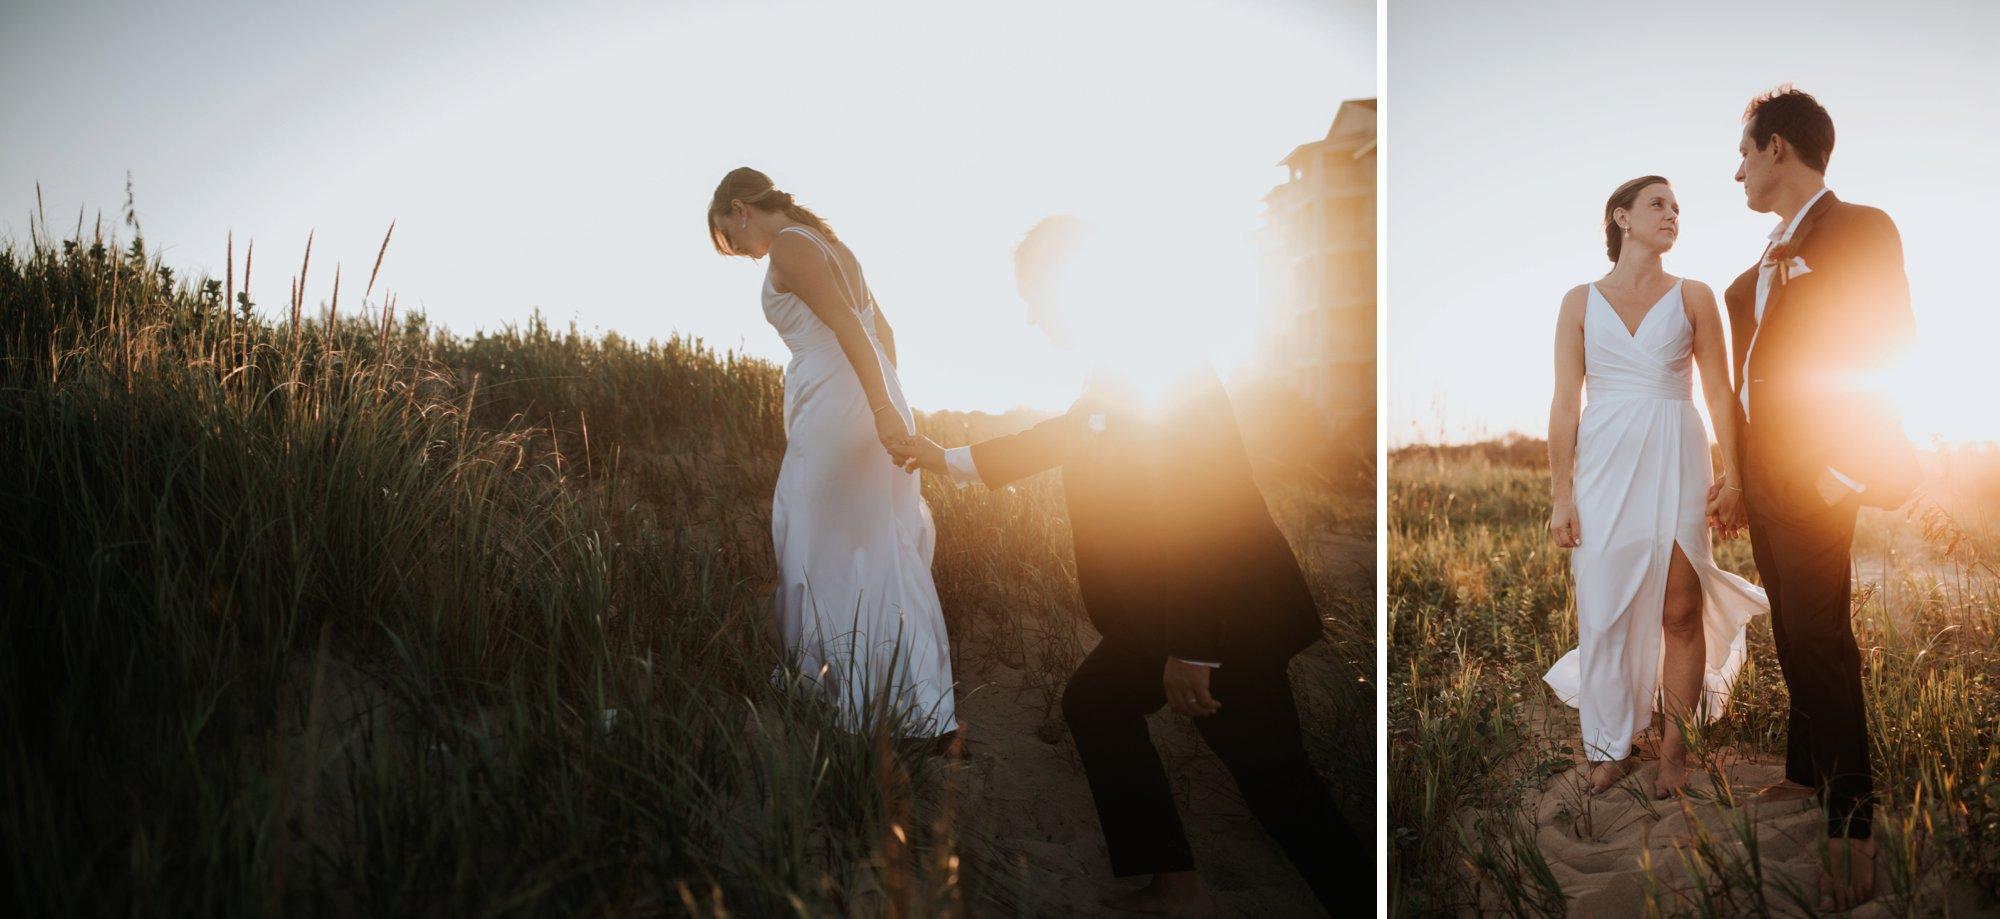 Low key backyard beach wedding in Sandbridge, VA dune sunset